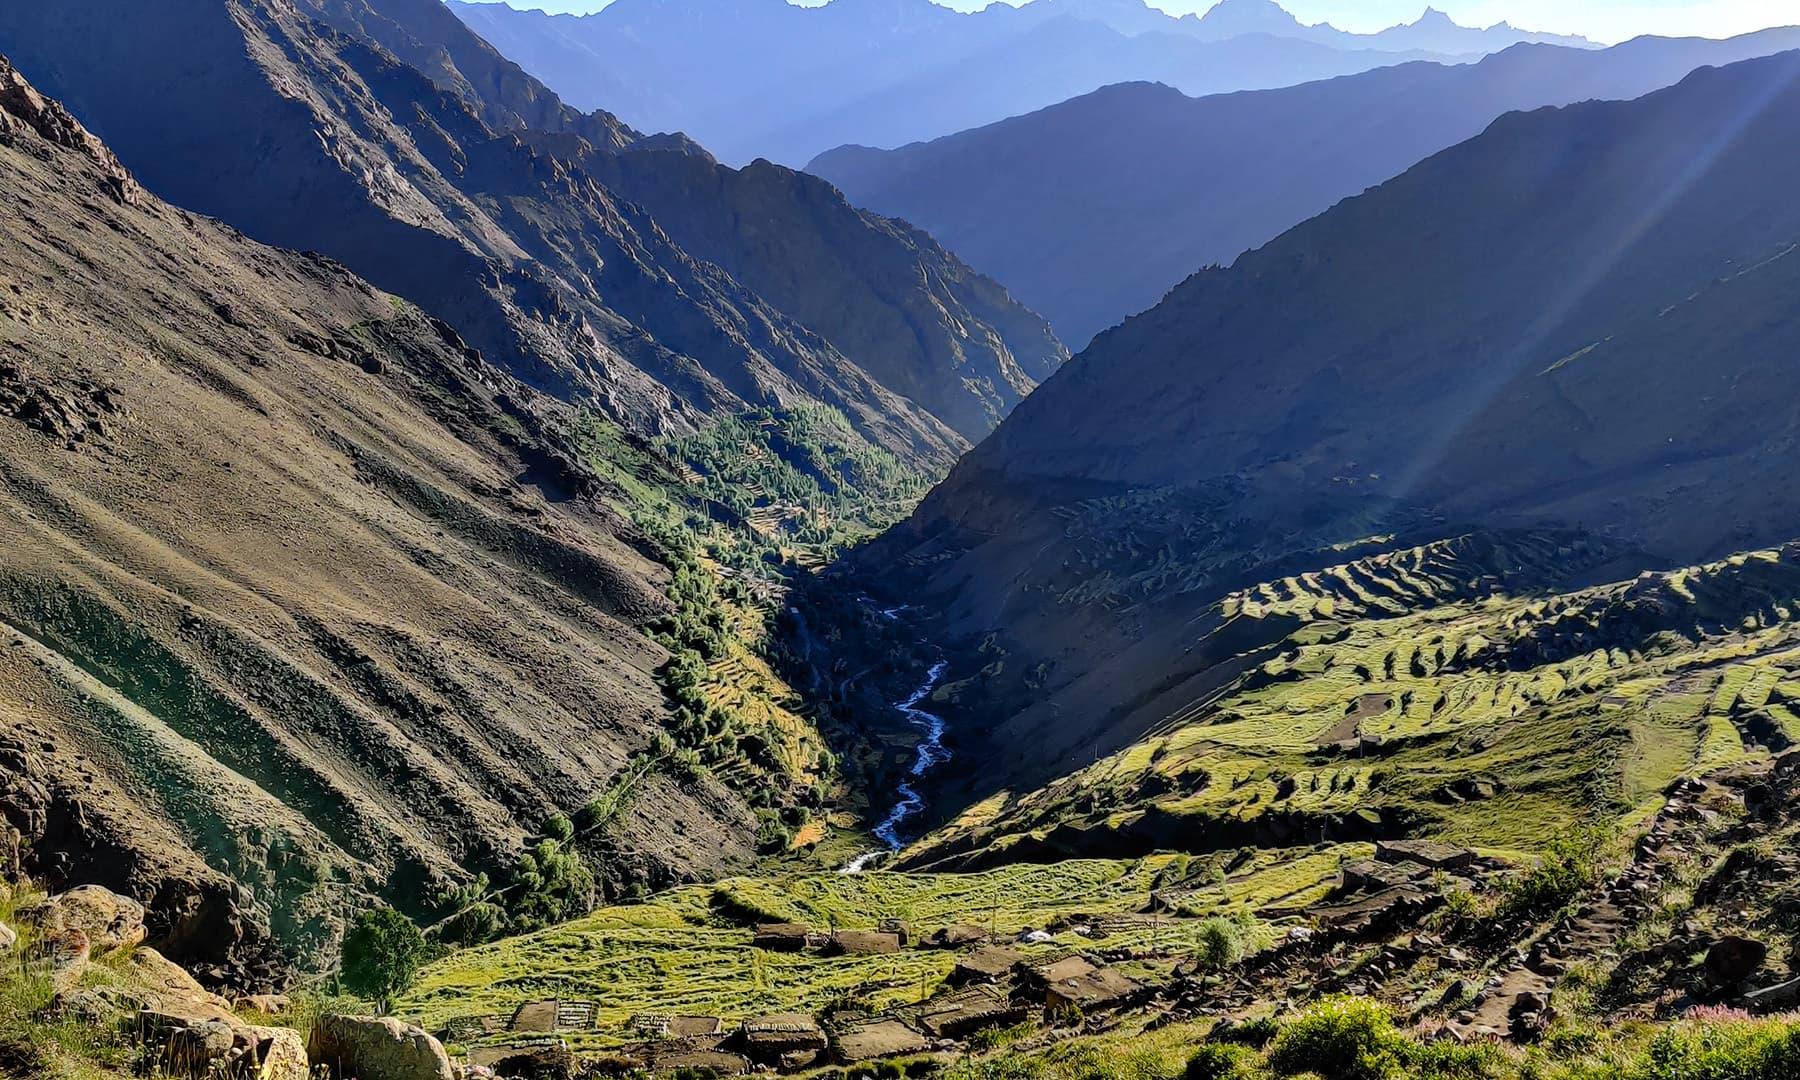 بلندی سے کوسورو گاؤں کا ایک خوبصورت منظر